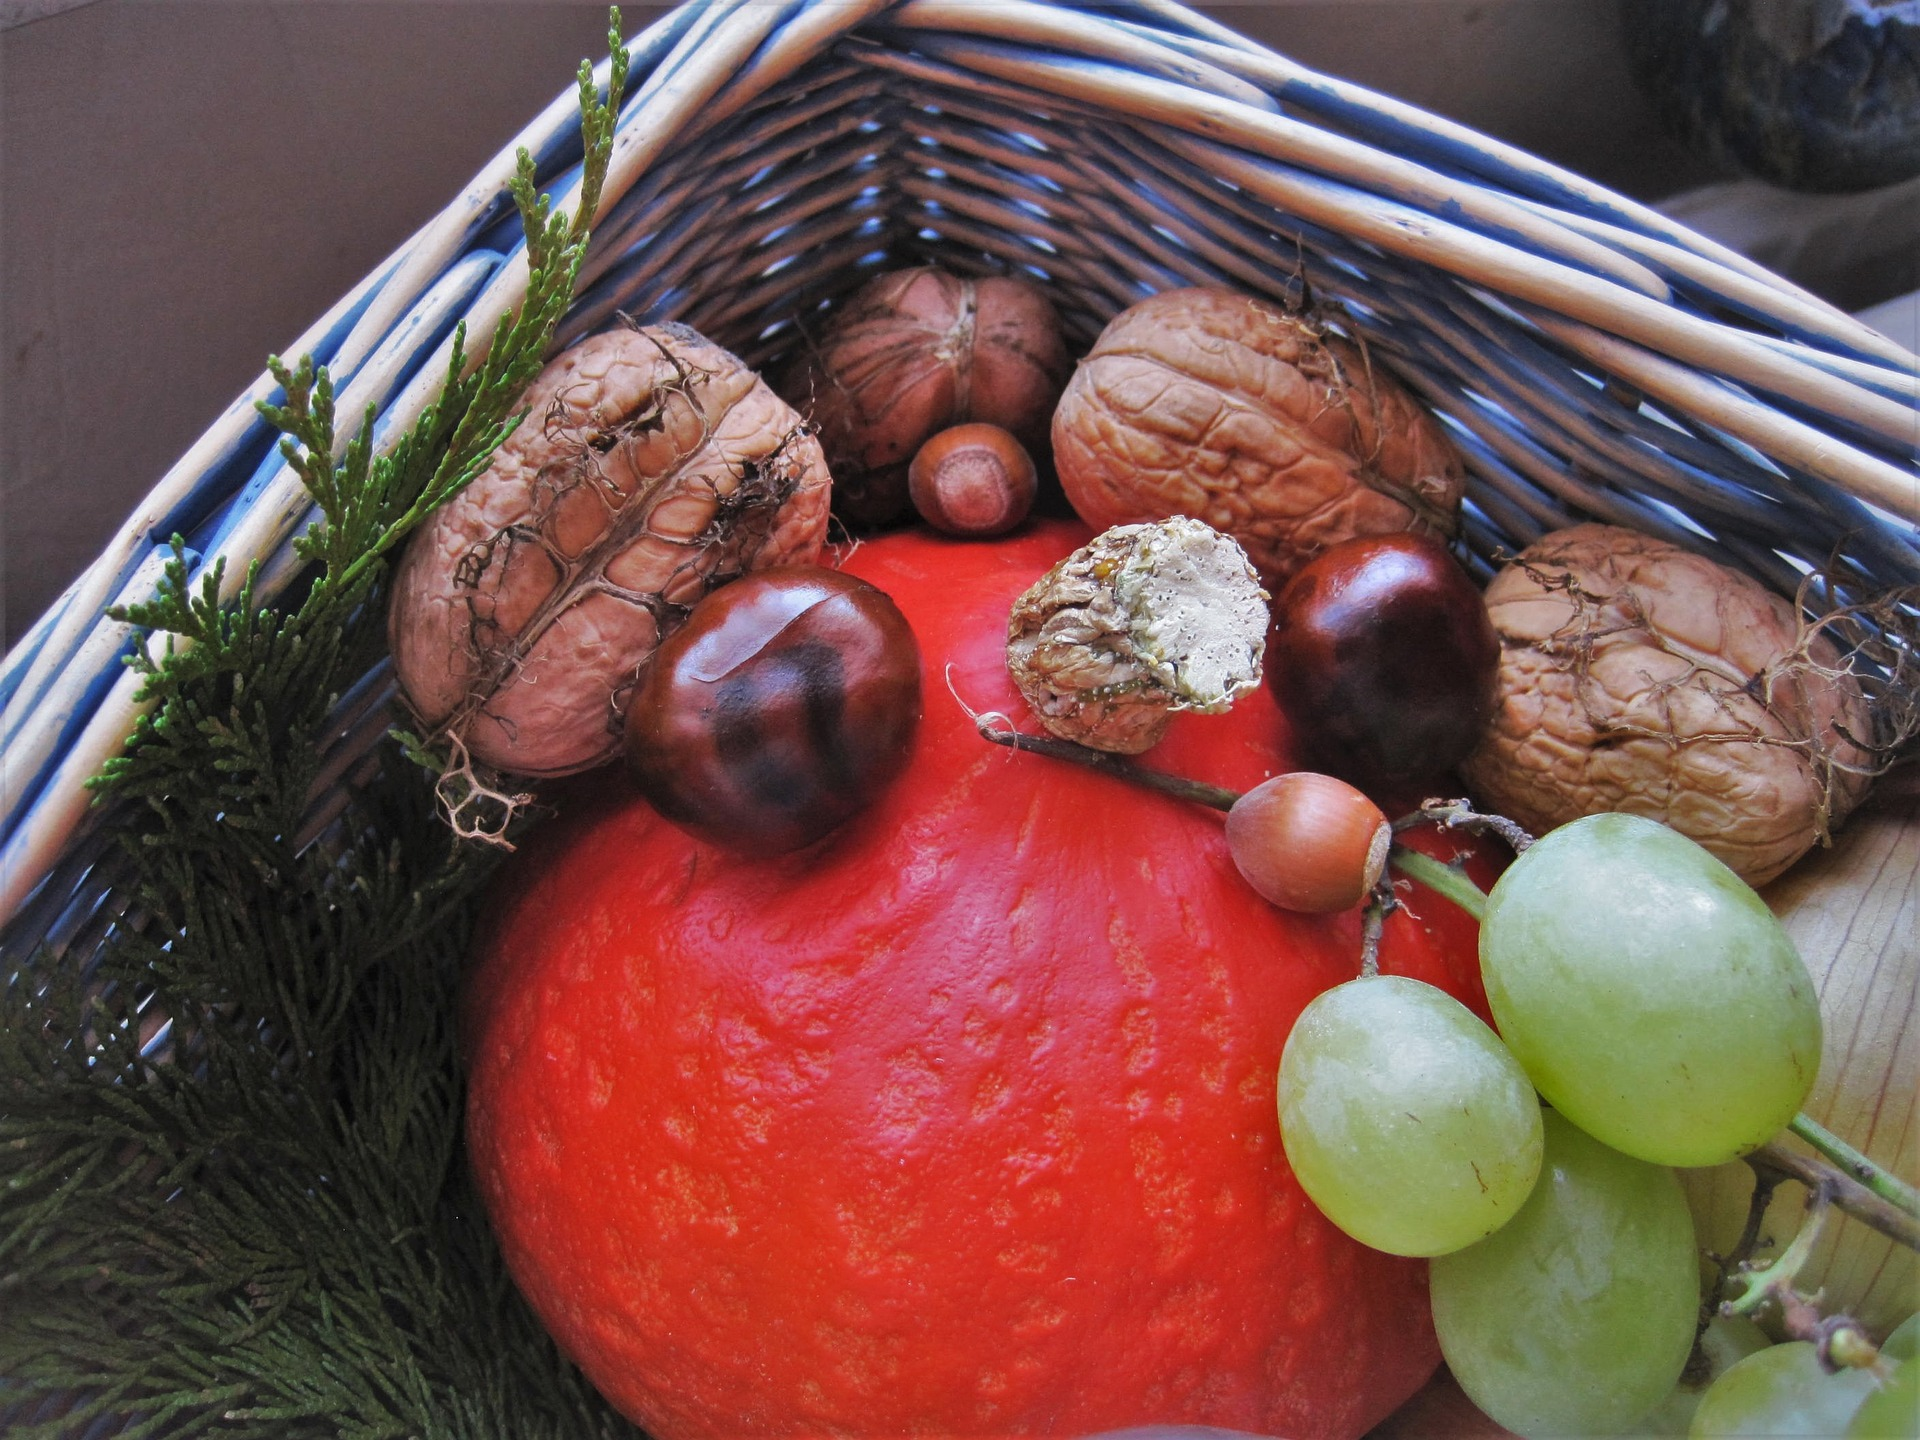 La frutta ti fa bella